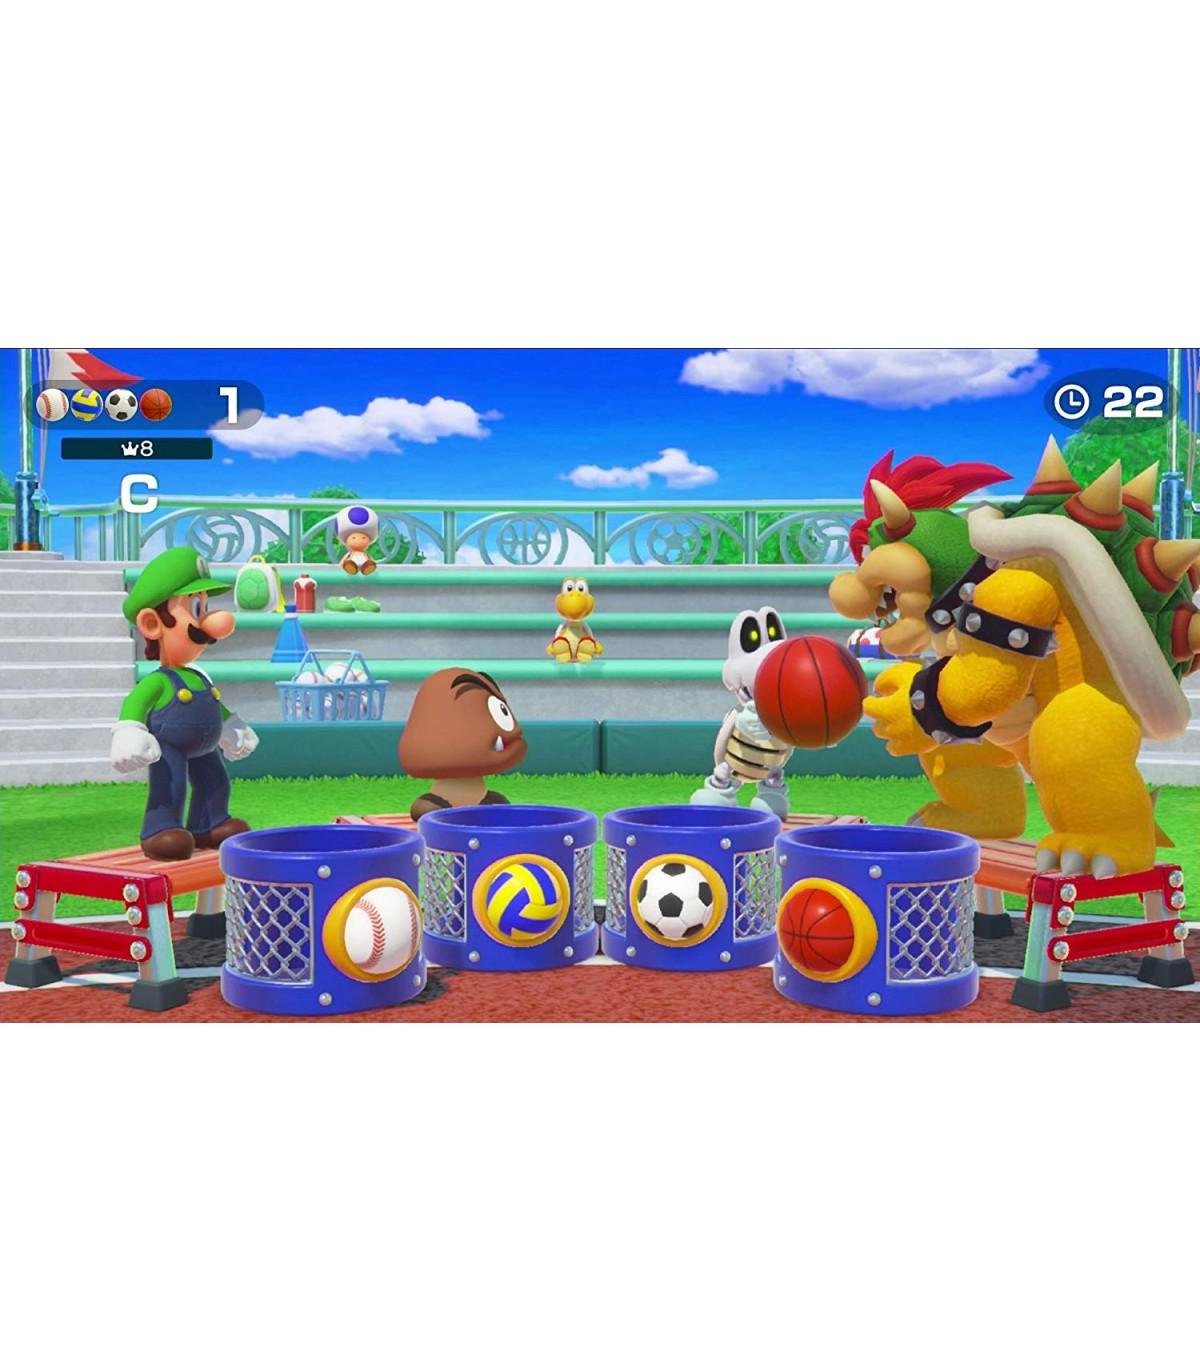 بازی Super Mario Party کارکرده - نینتندو سوئیچ